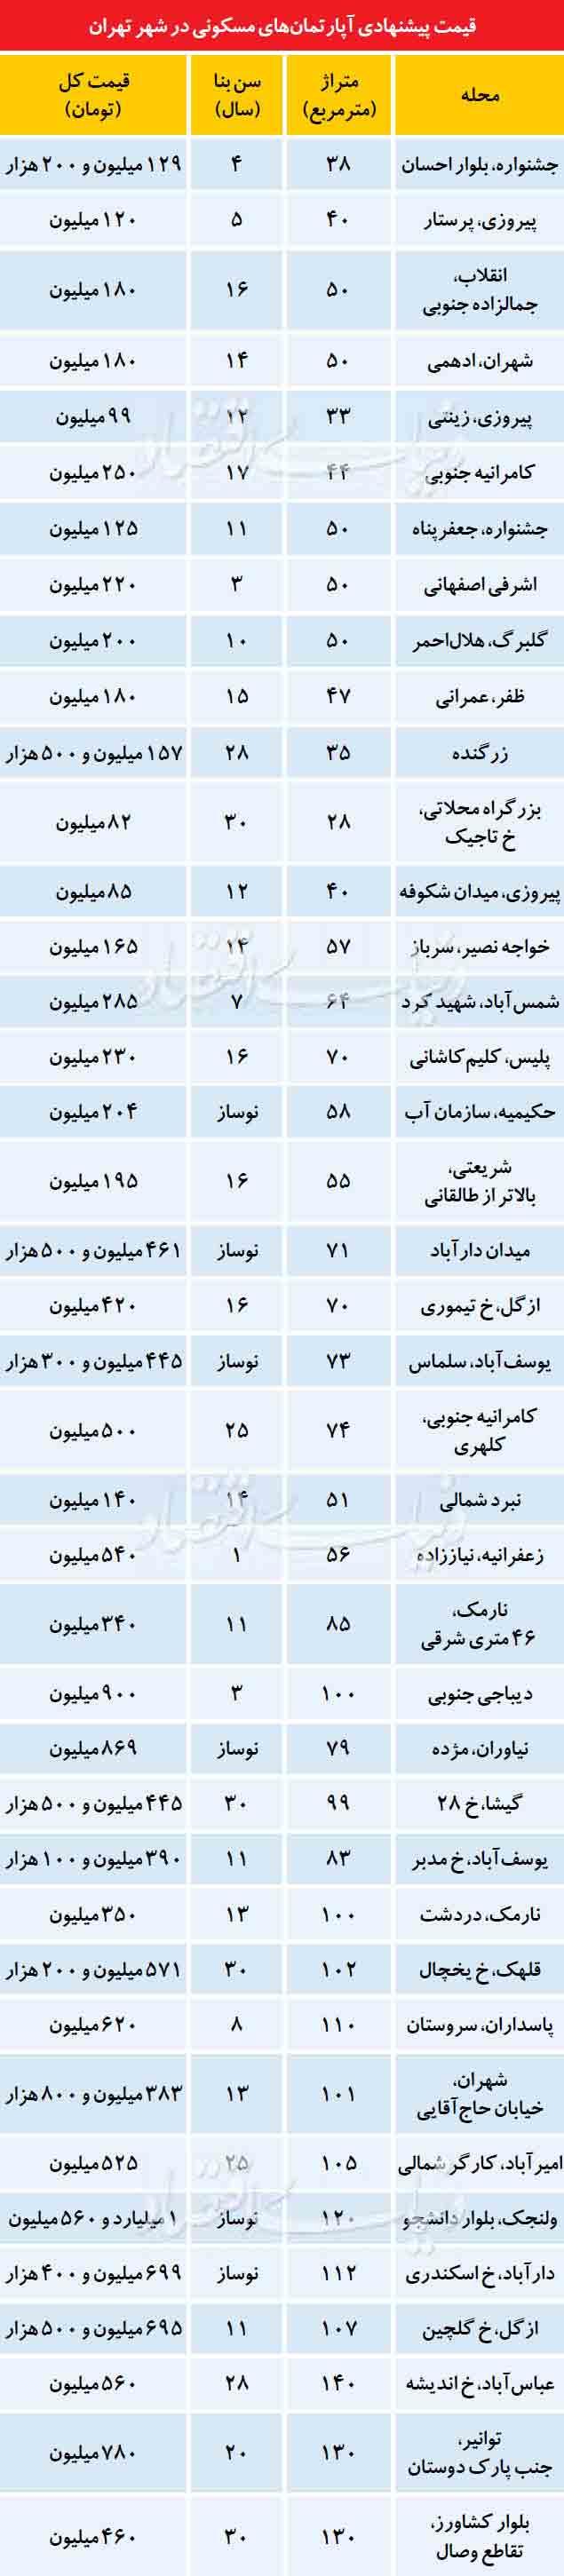 جدول آماری قيمت پيشنهادی آپارتمان های مسکونی در شهر تهران